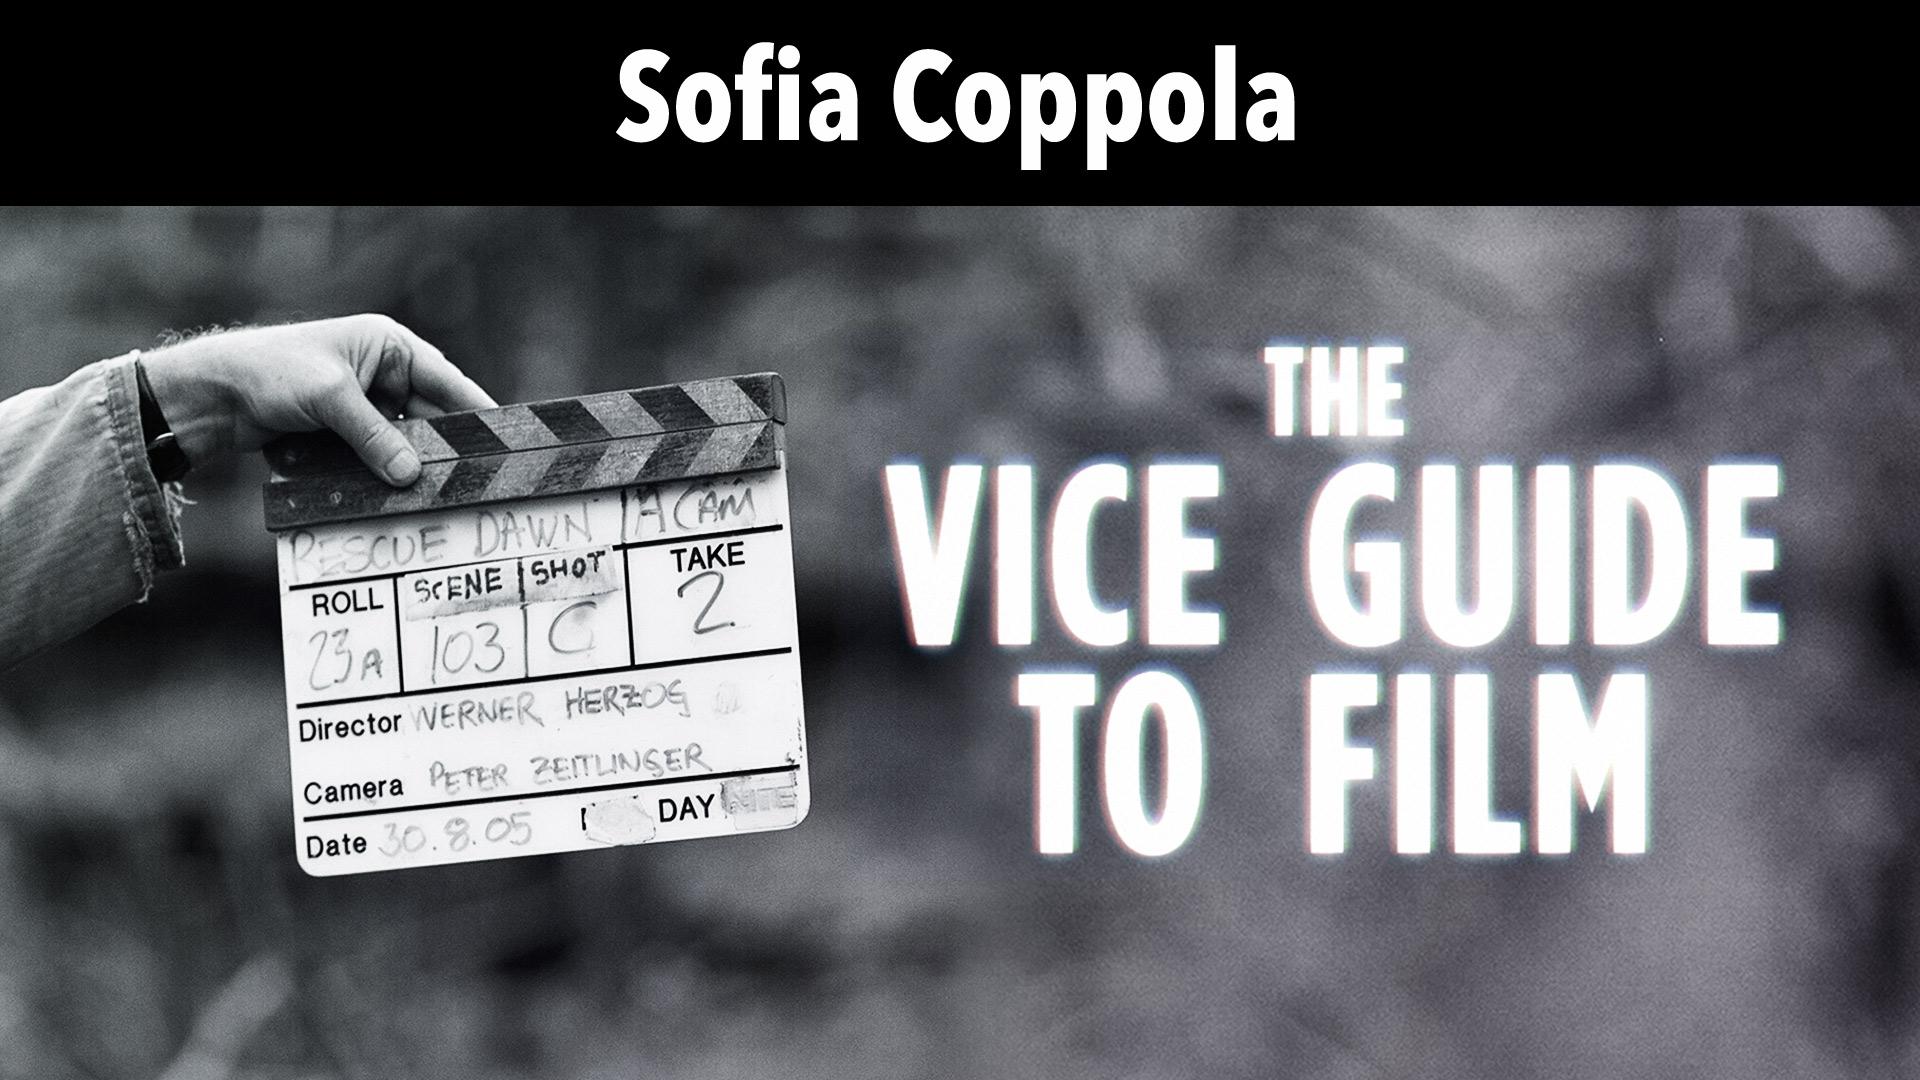 Sofia Coppola: Vice Guide To Film